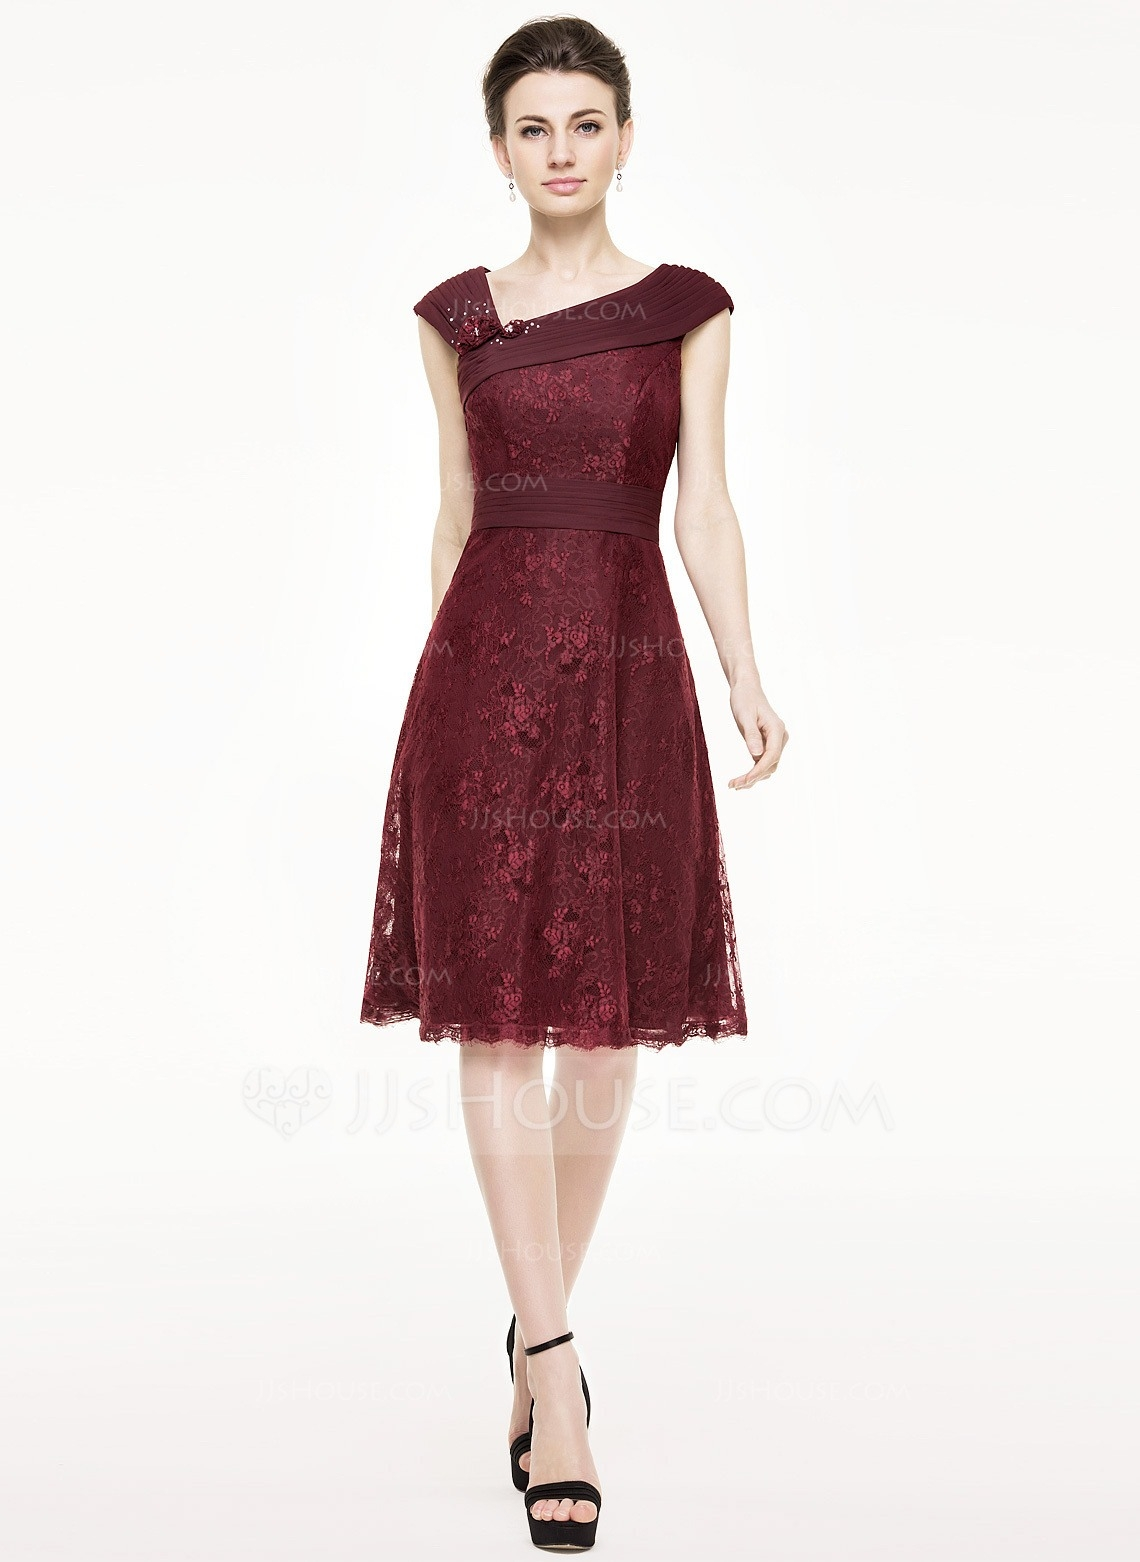 Einfach Kleider Für Brautmutter Knielang Bester Preis15 Genial Kleider Für Brautmutter Knielang Vertrieb